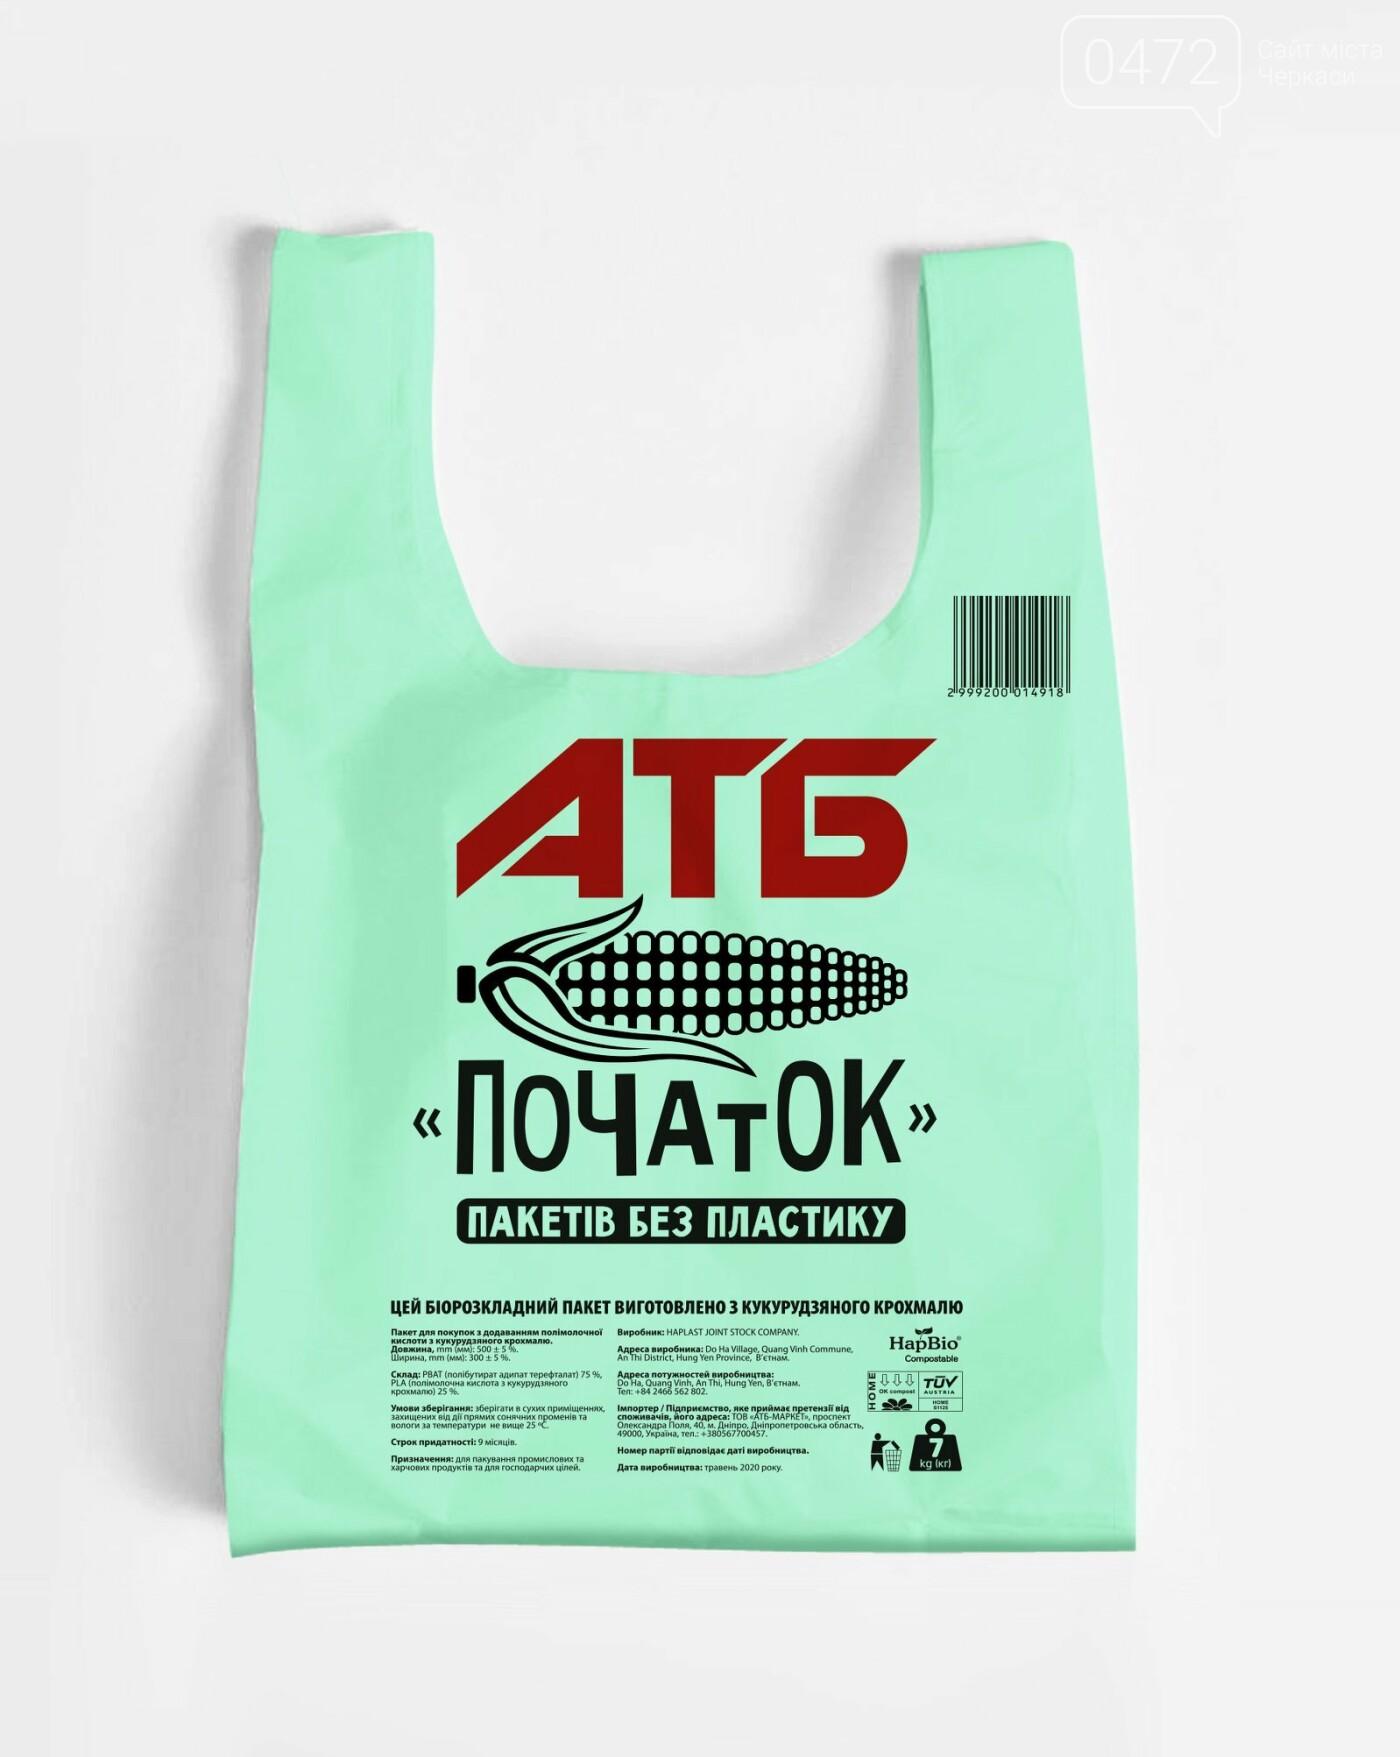 Ще одна екоініціатива від «АТБ» – пакети з кукурудзяного крохмалю, фото-2